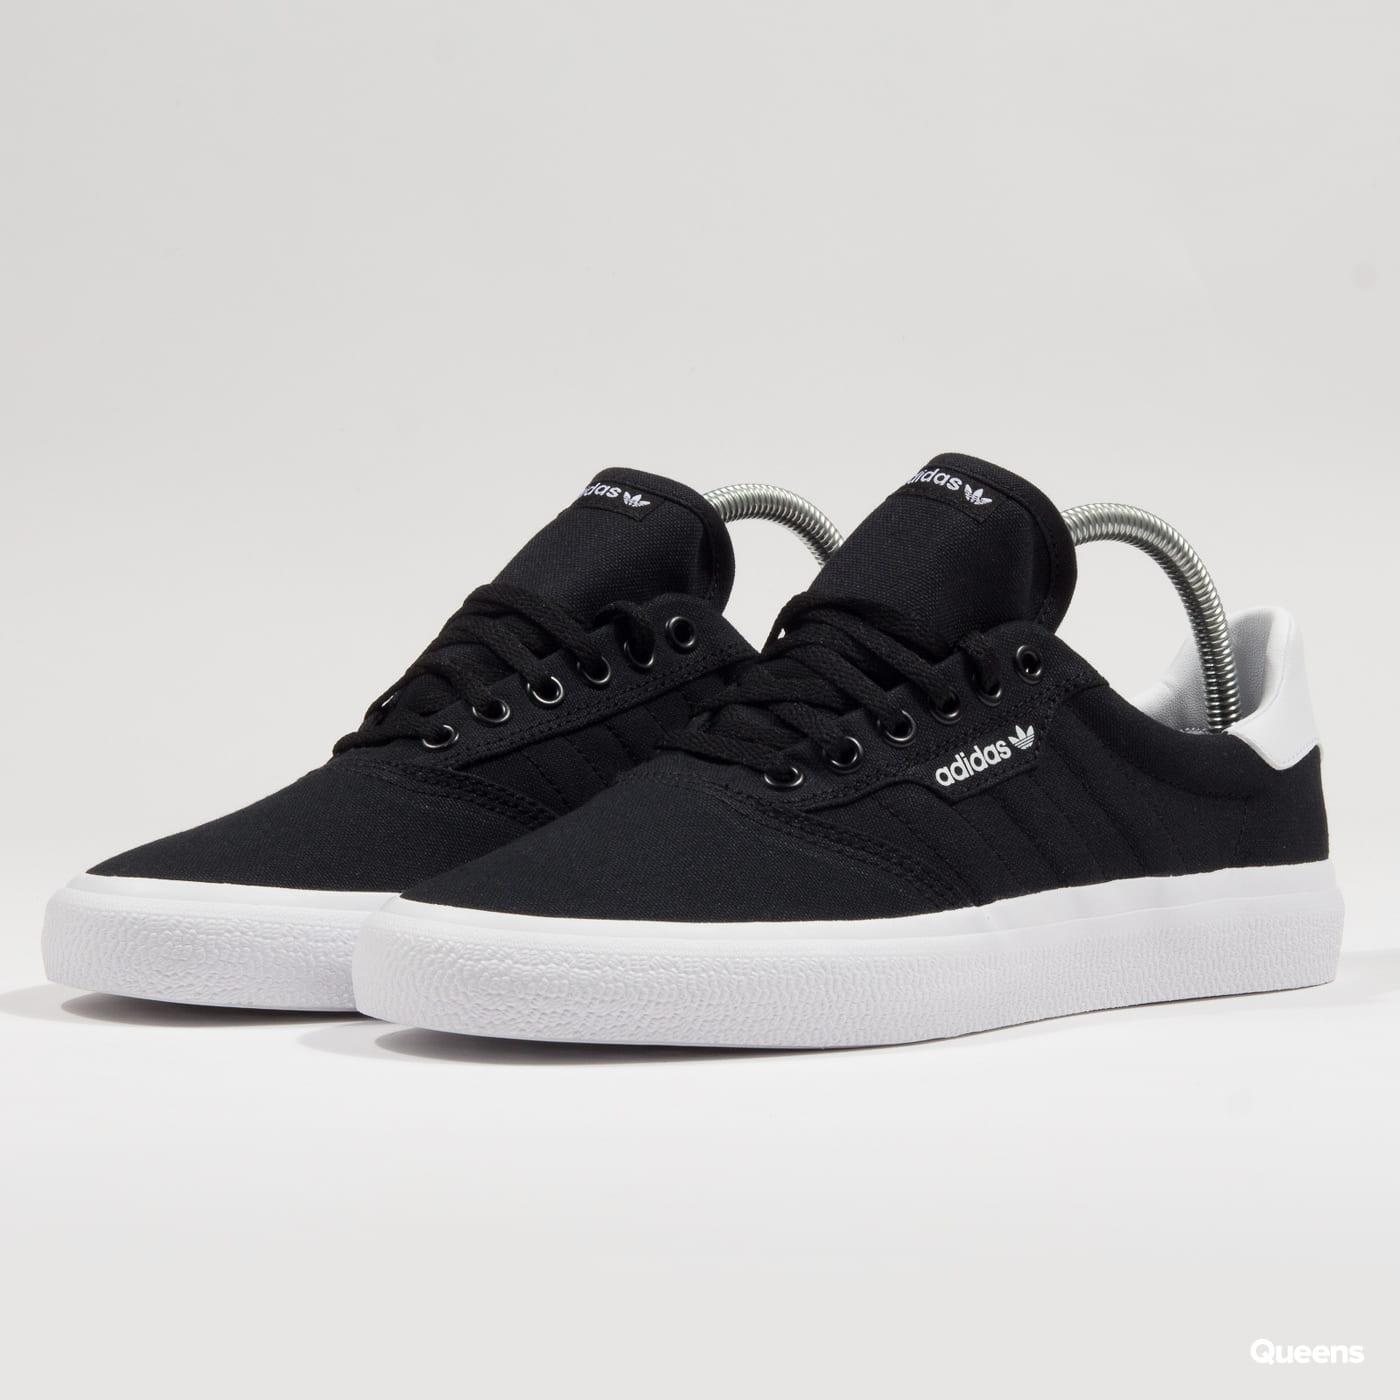 Pánské boty adidas Originals – Queens 💚 ad5019ffd9